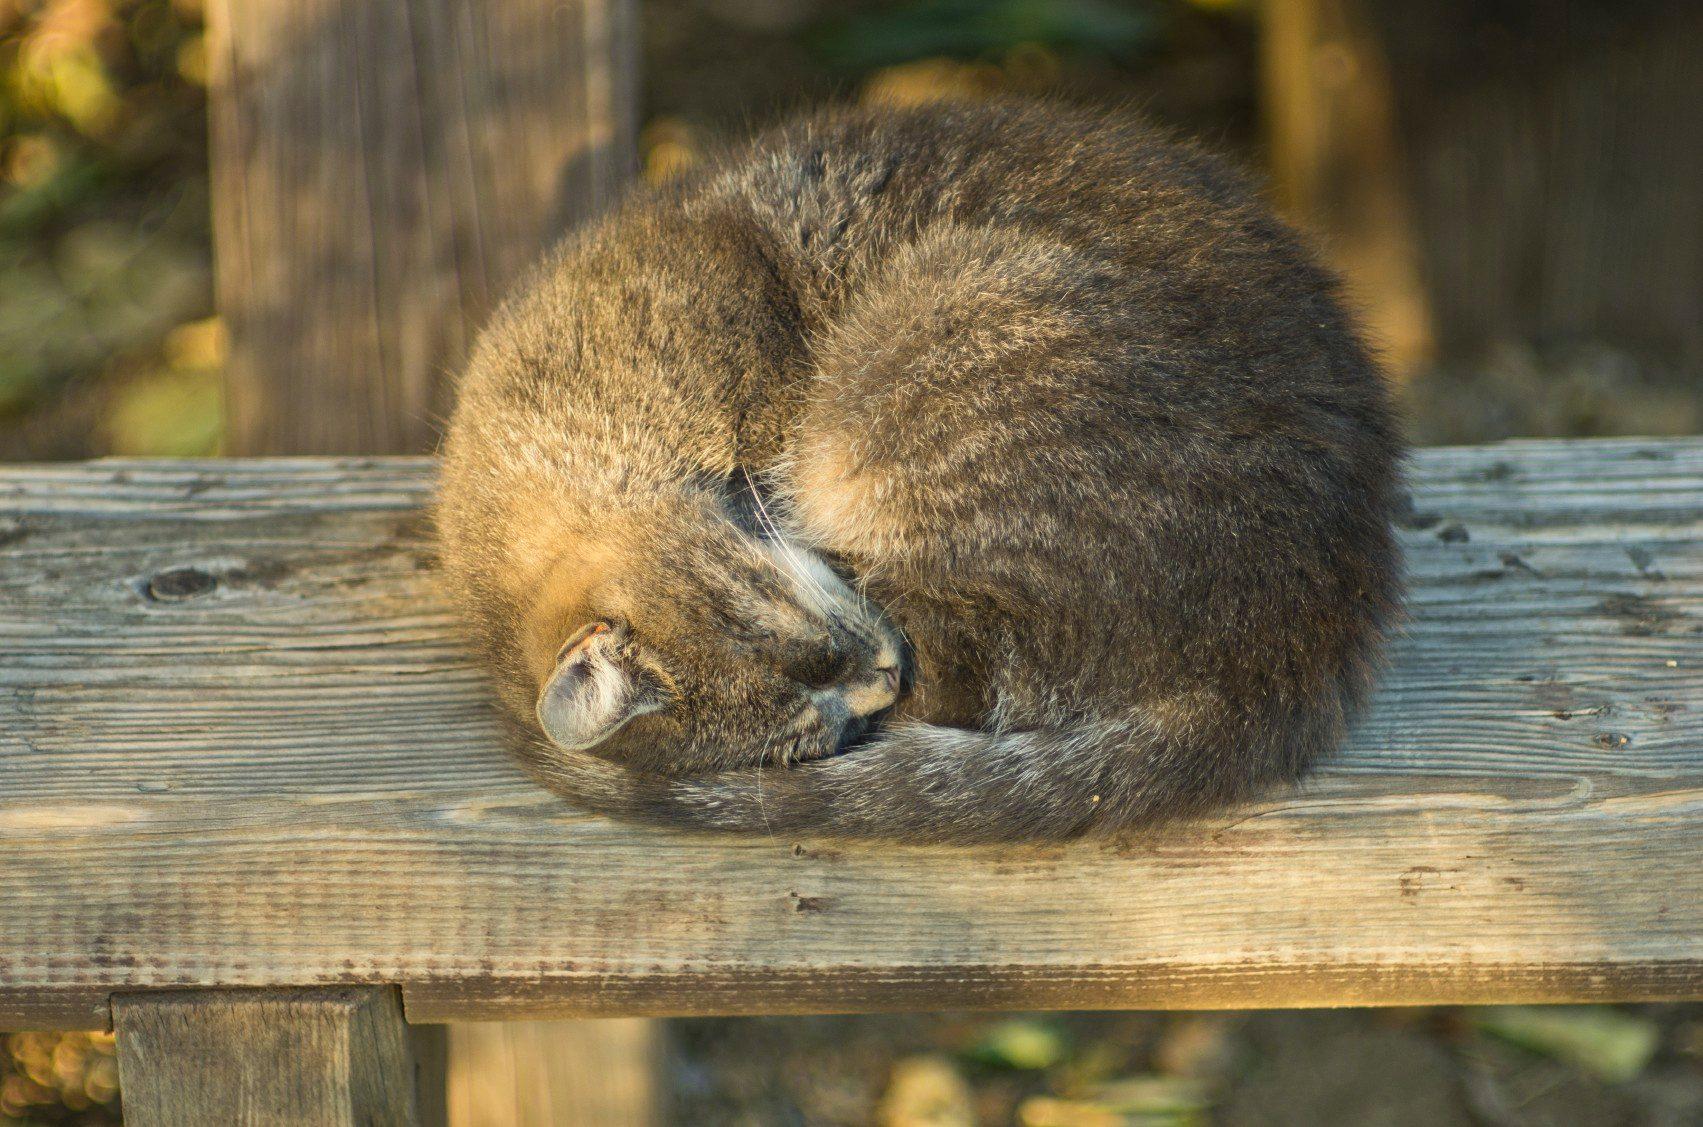 5. Les chats ne sommeillent pas toujours